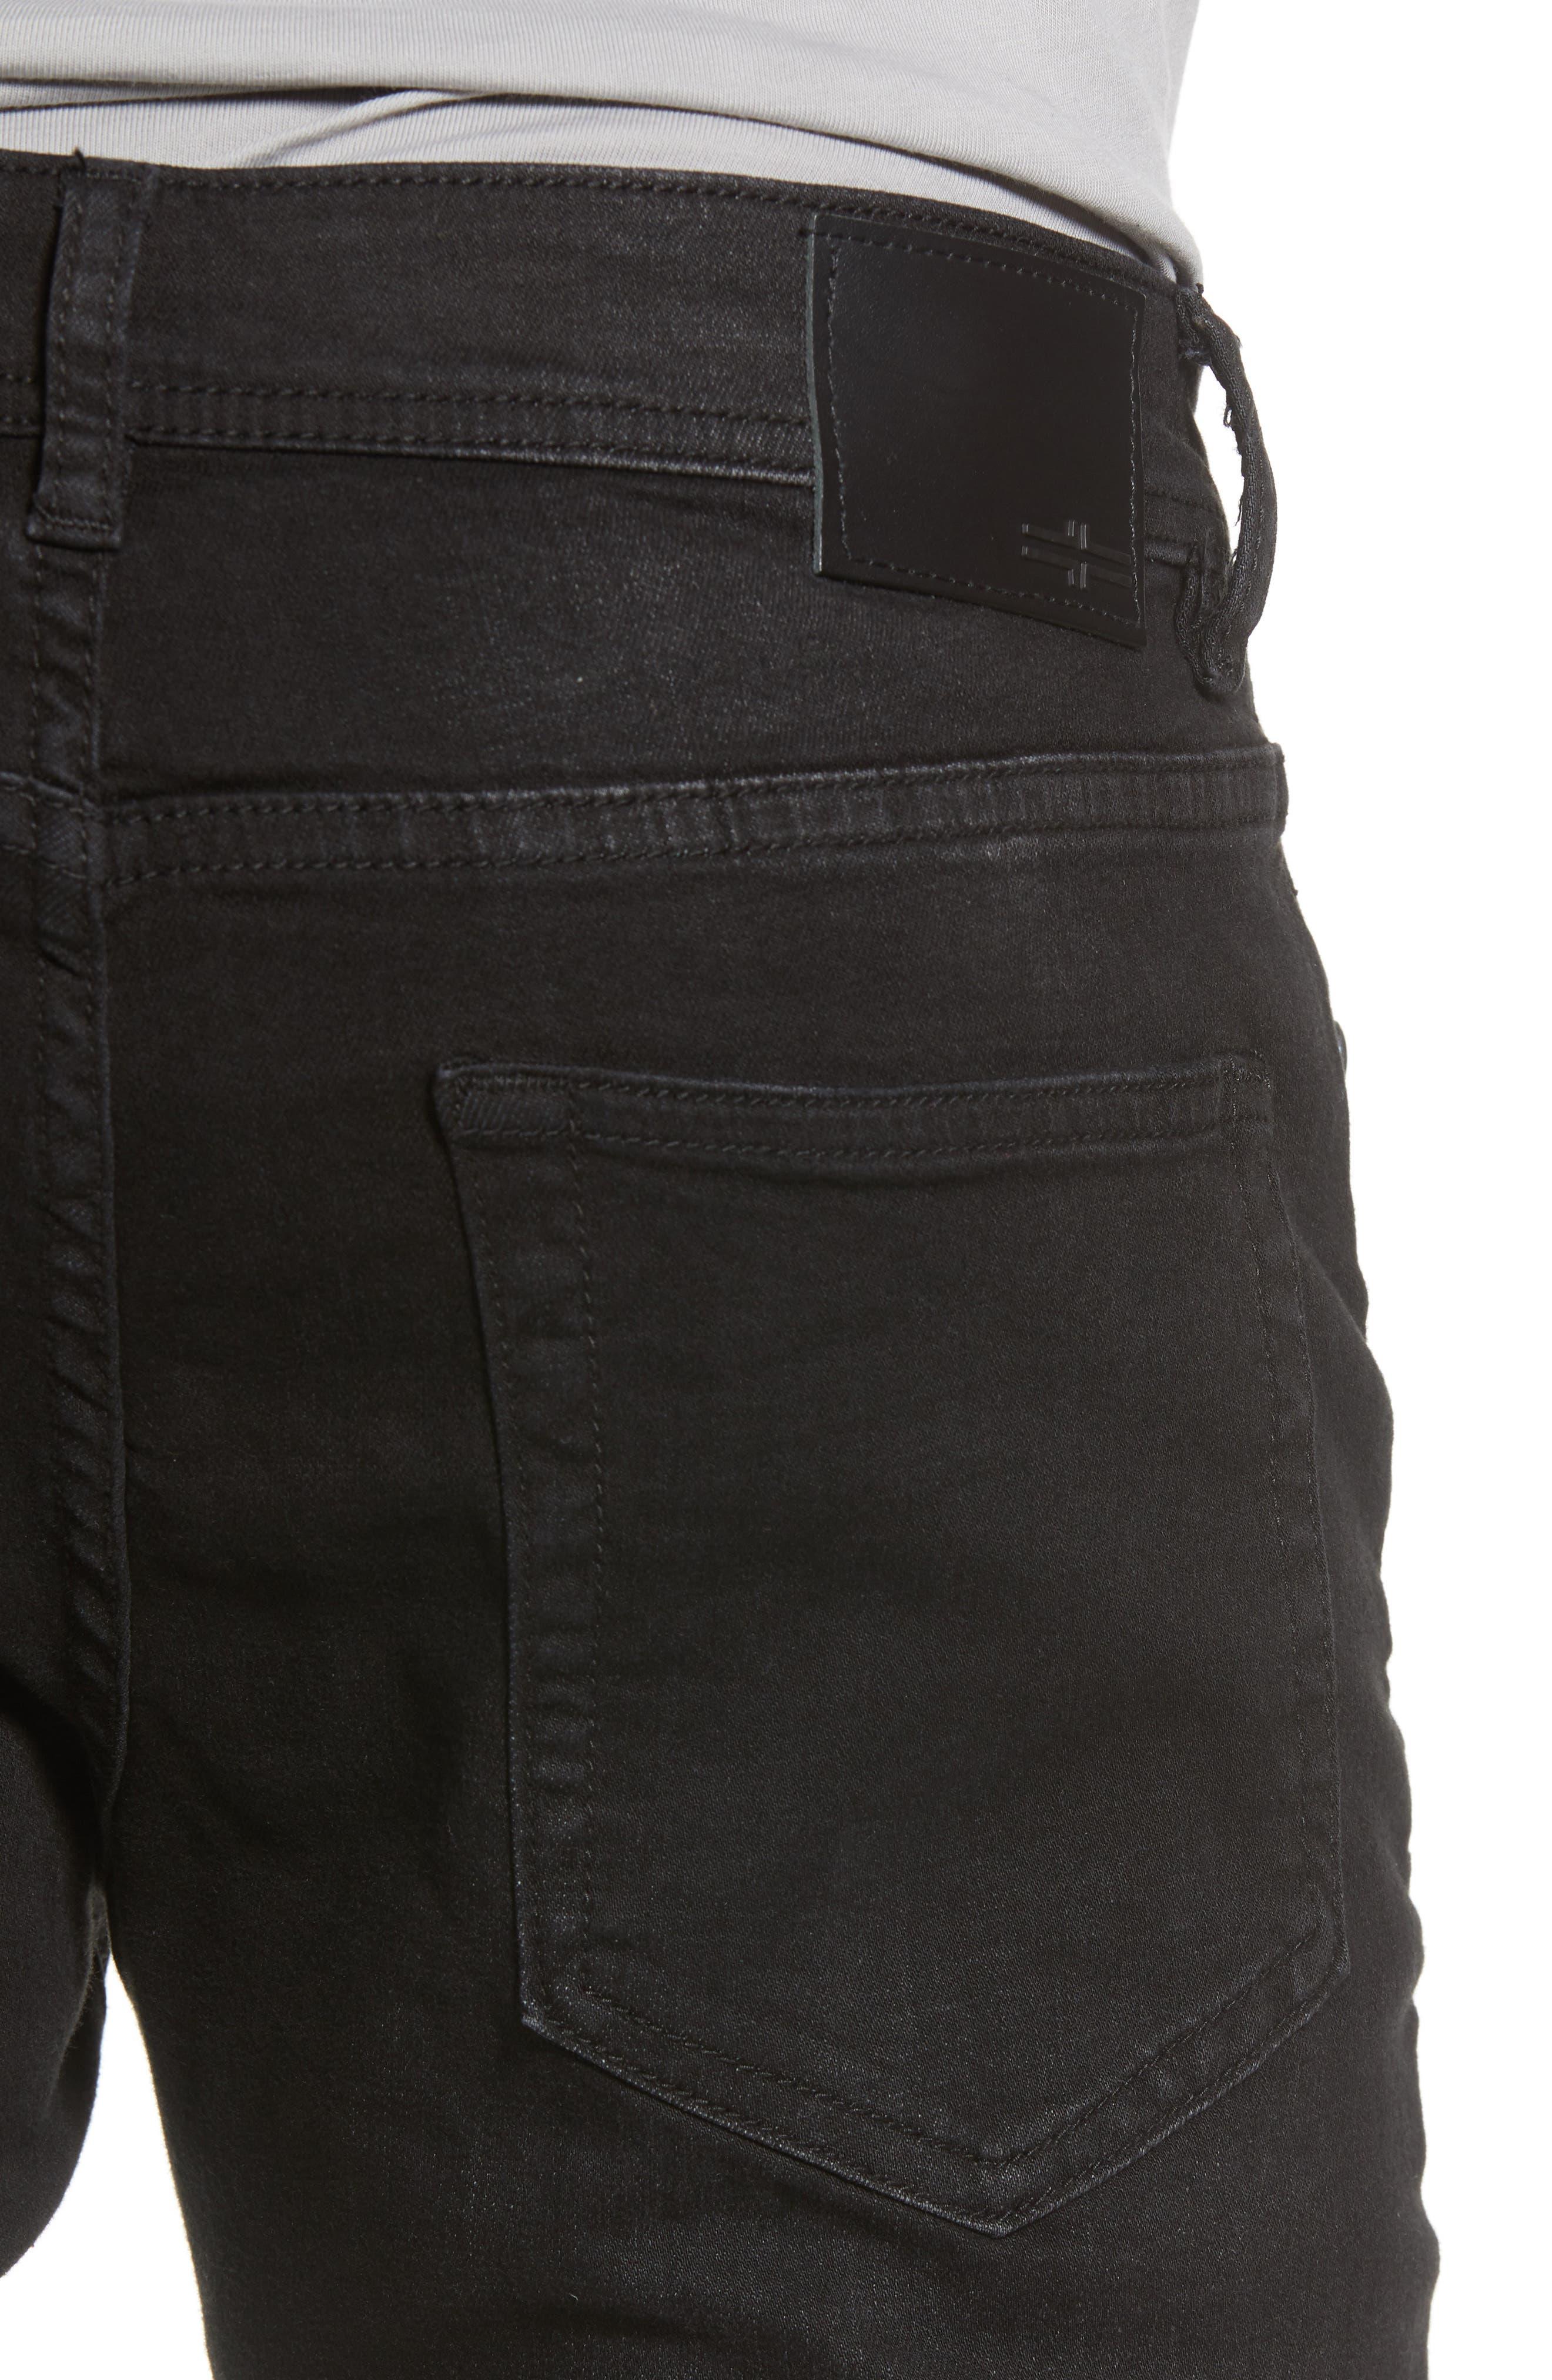 Kingston Slim Straight Leg Jeans,                             Alternate thumbnail 4, color,                             BULLET DARK